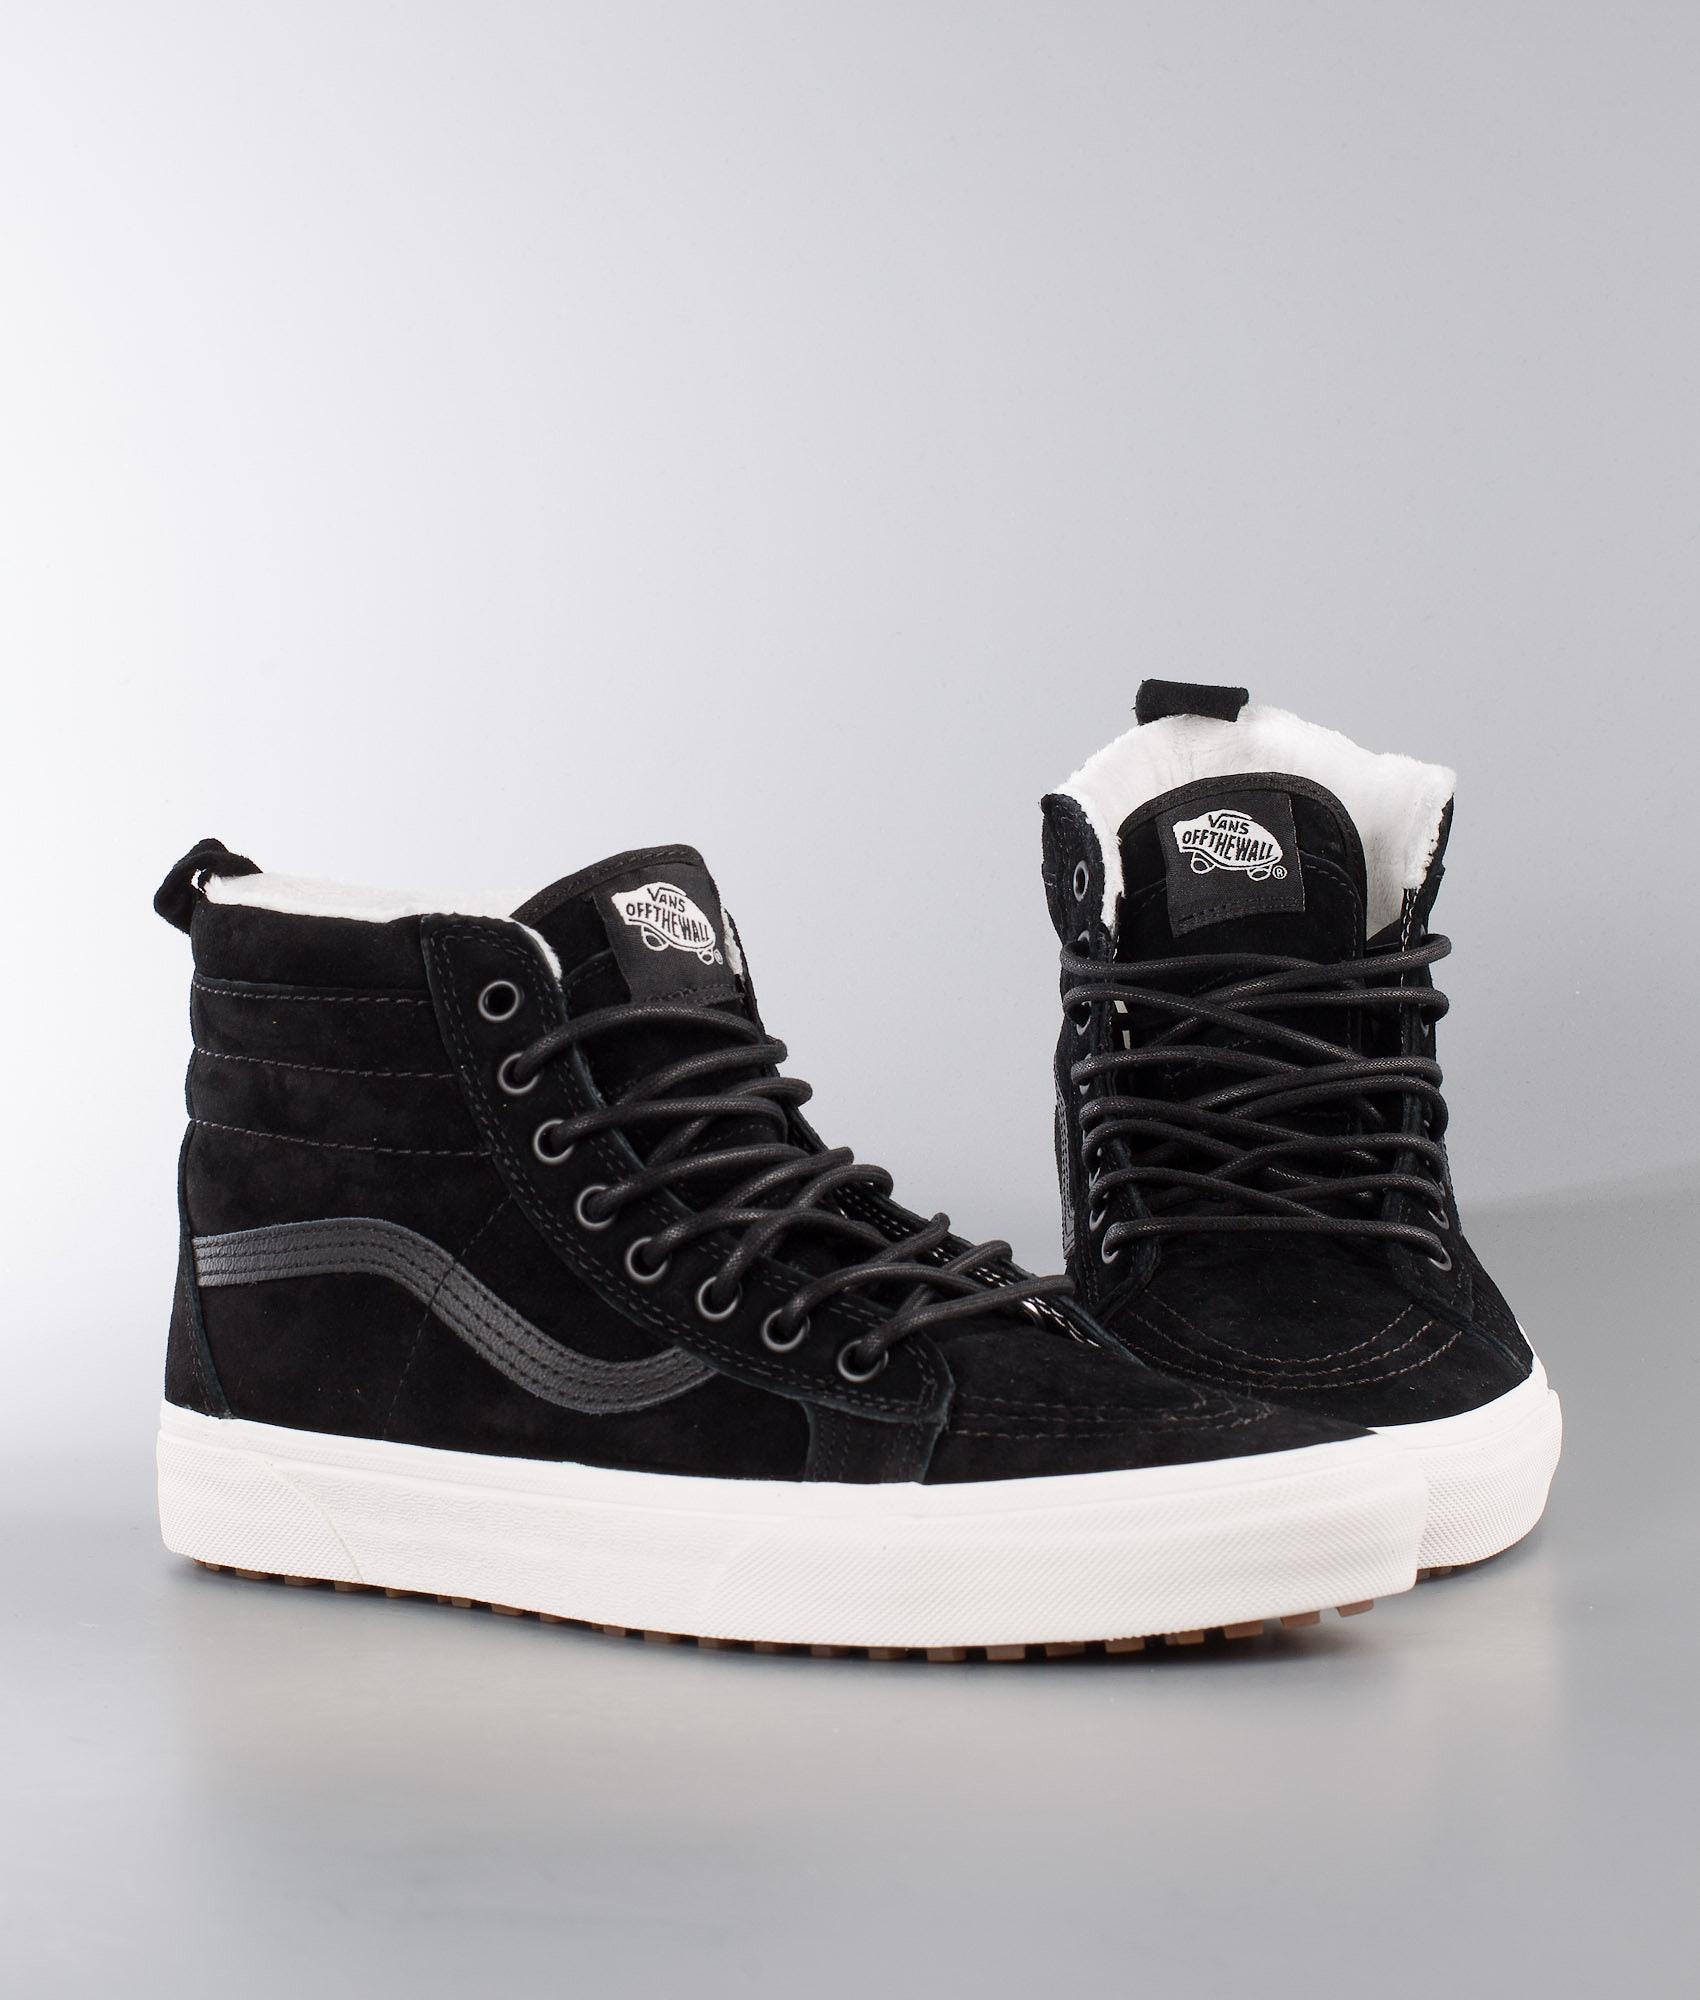 82279f77c8 Vans Sk8-Hi Mte Shoes (Mte) Black Black Marshmallow - Ridestore.com